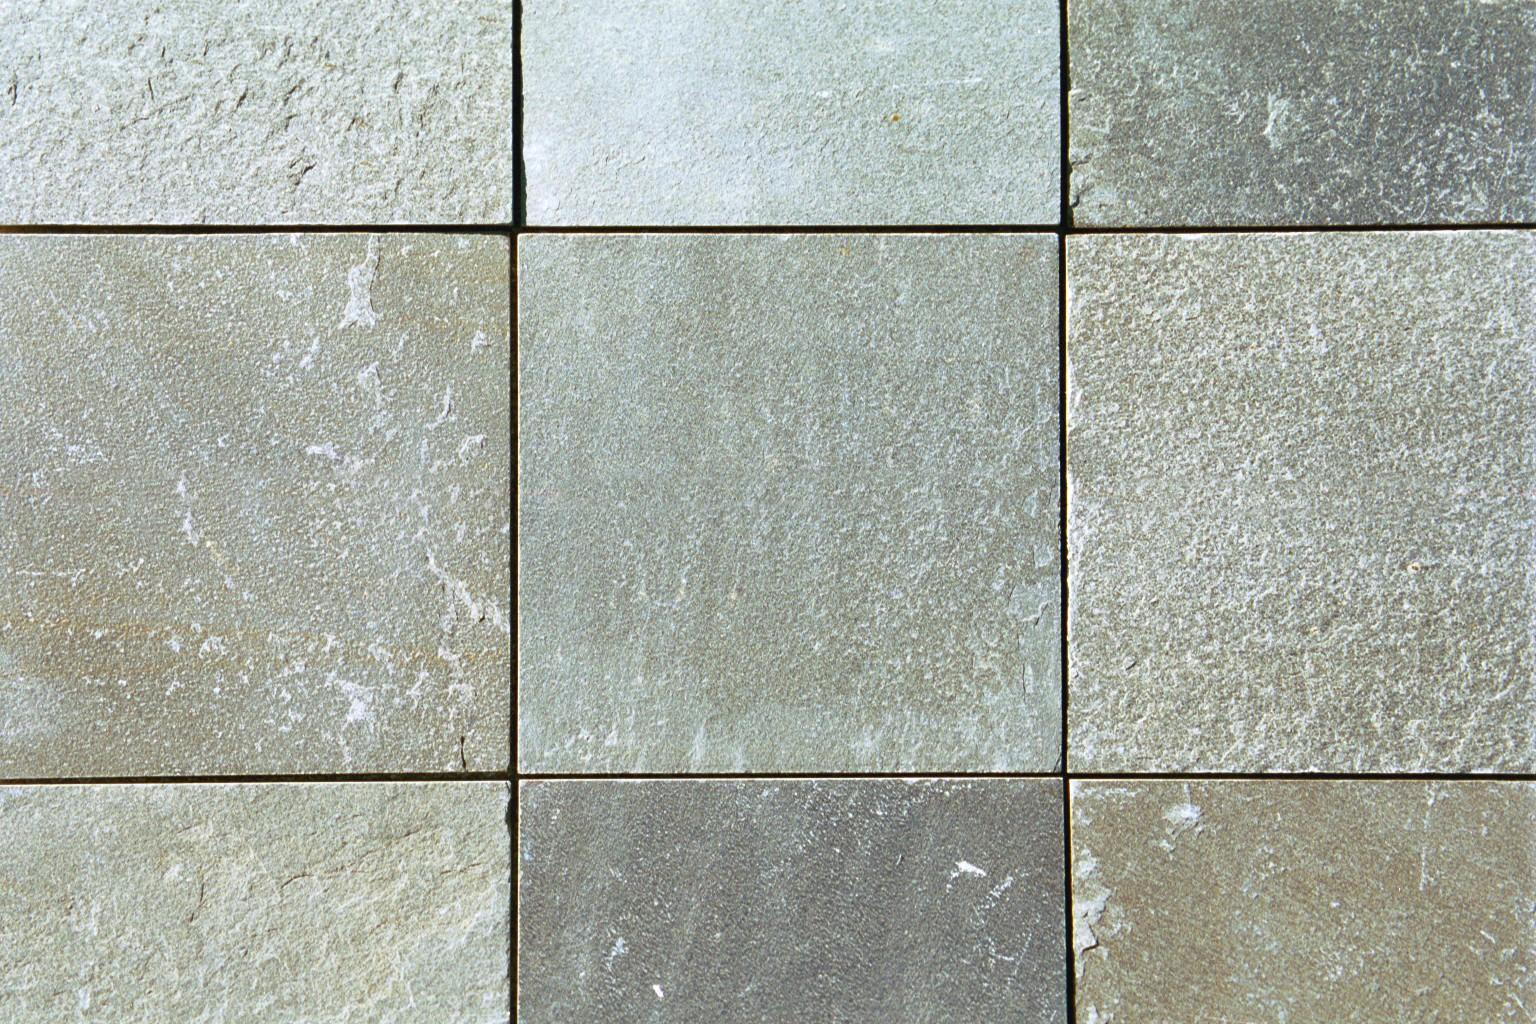 Quartzite Tiles, Pavers, Cladding, Cobblestones & Crazy Paving